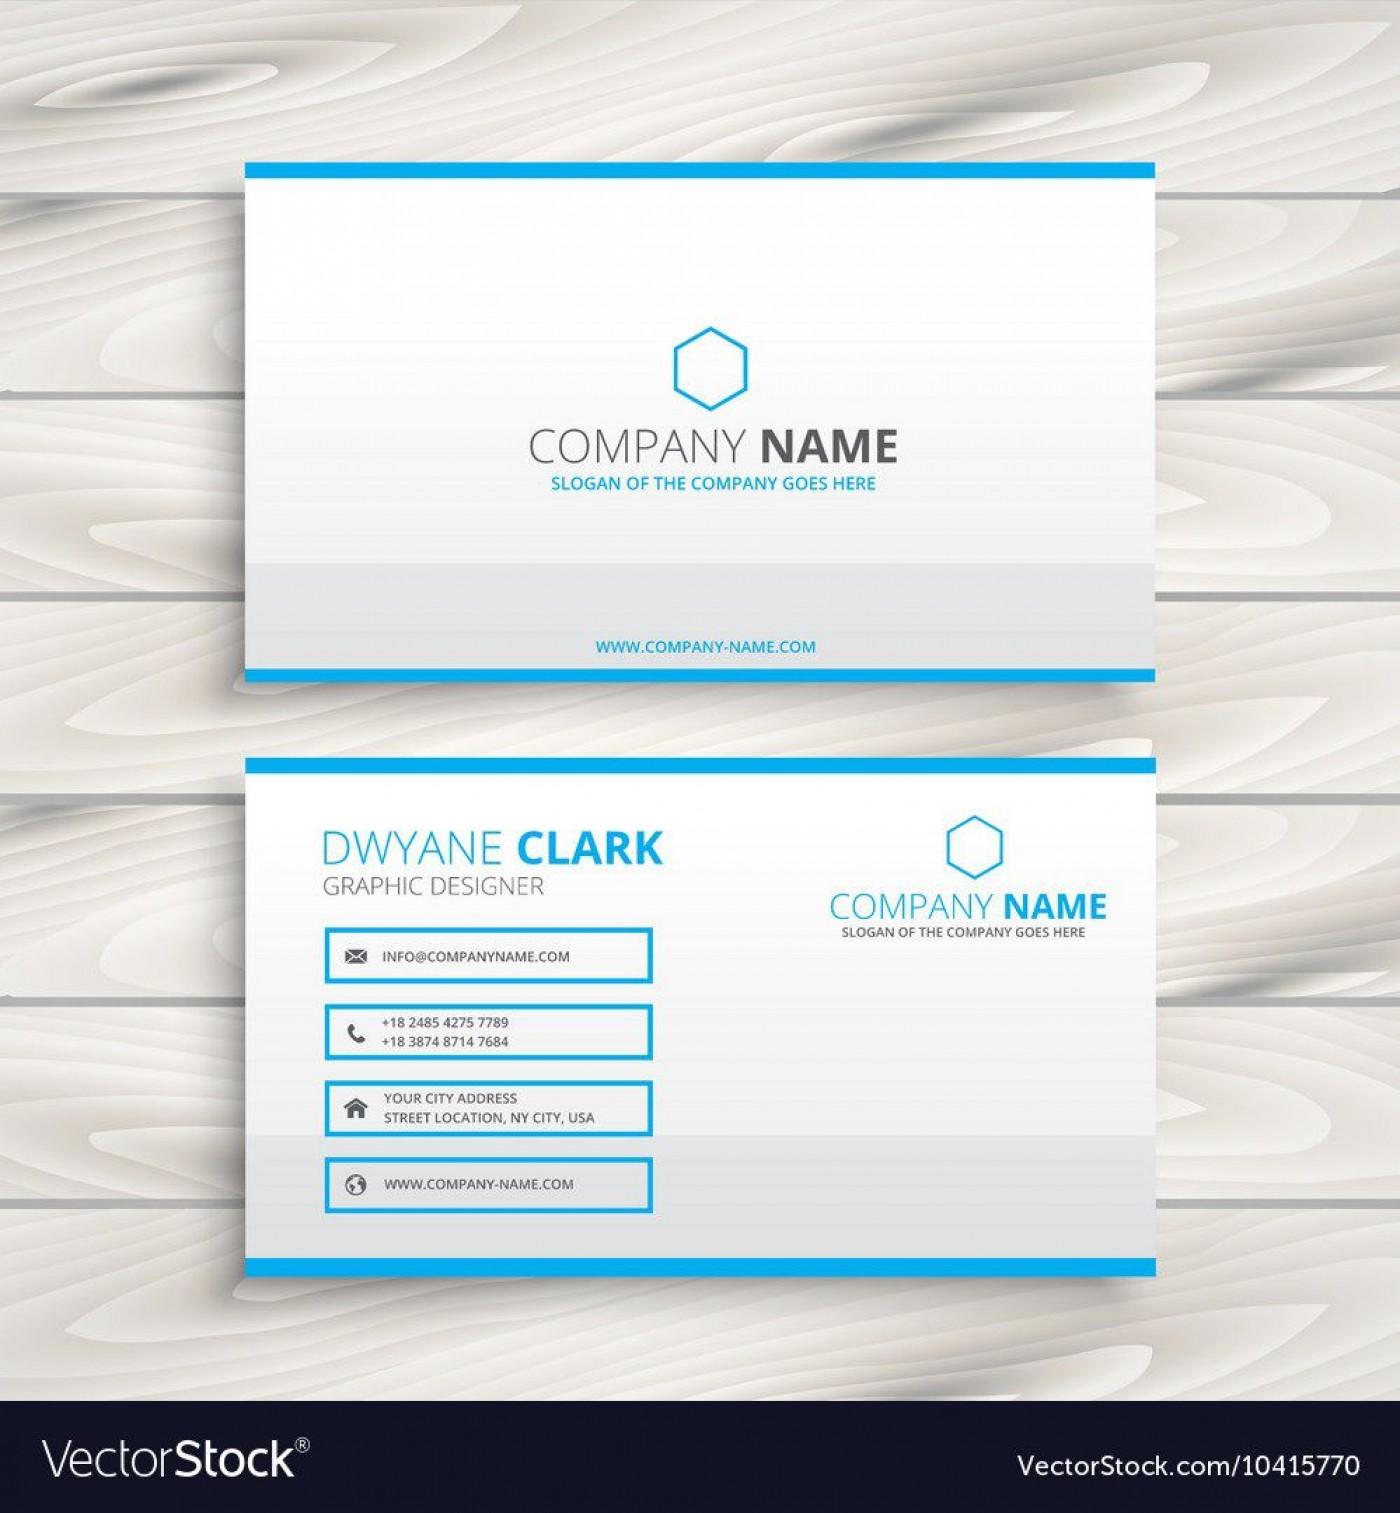 010 Dreaded Simple Busines Card Template Free Example  Minimalist Illustrator Design1400